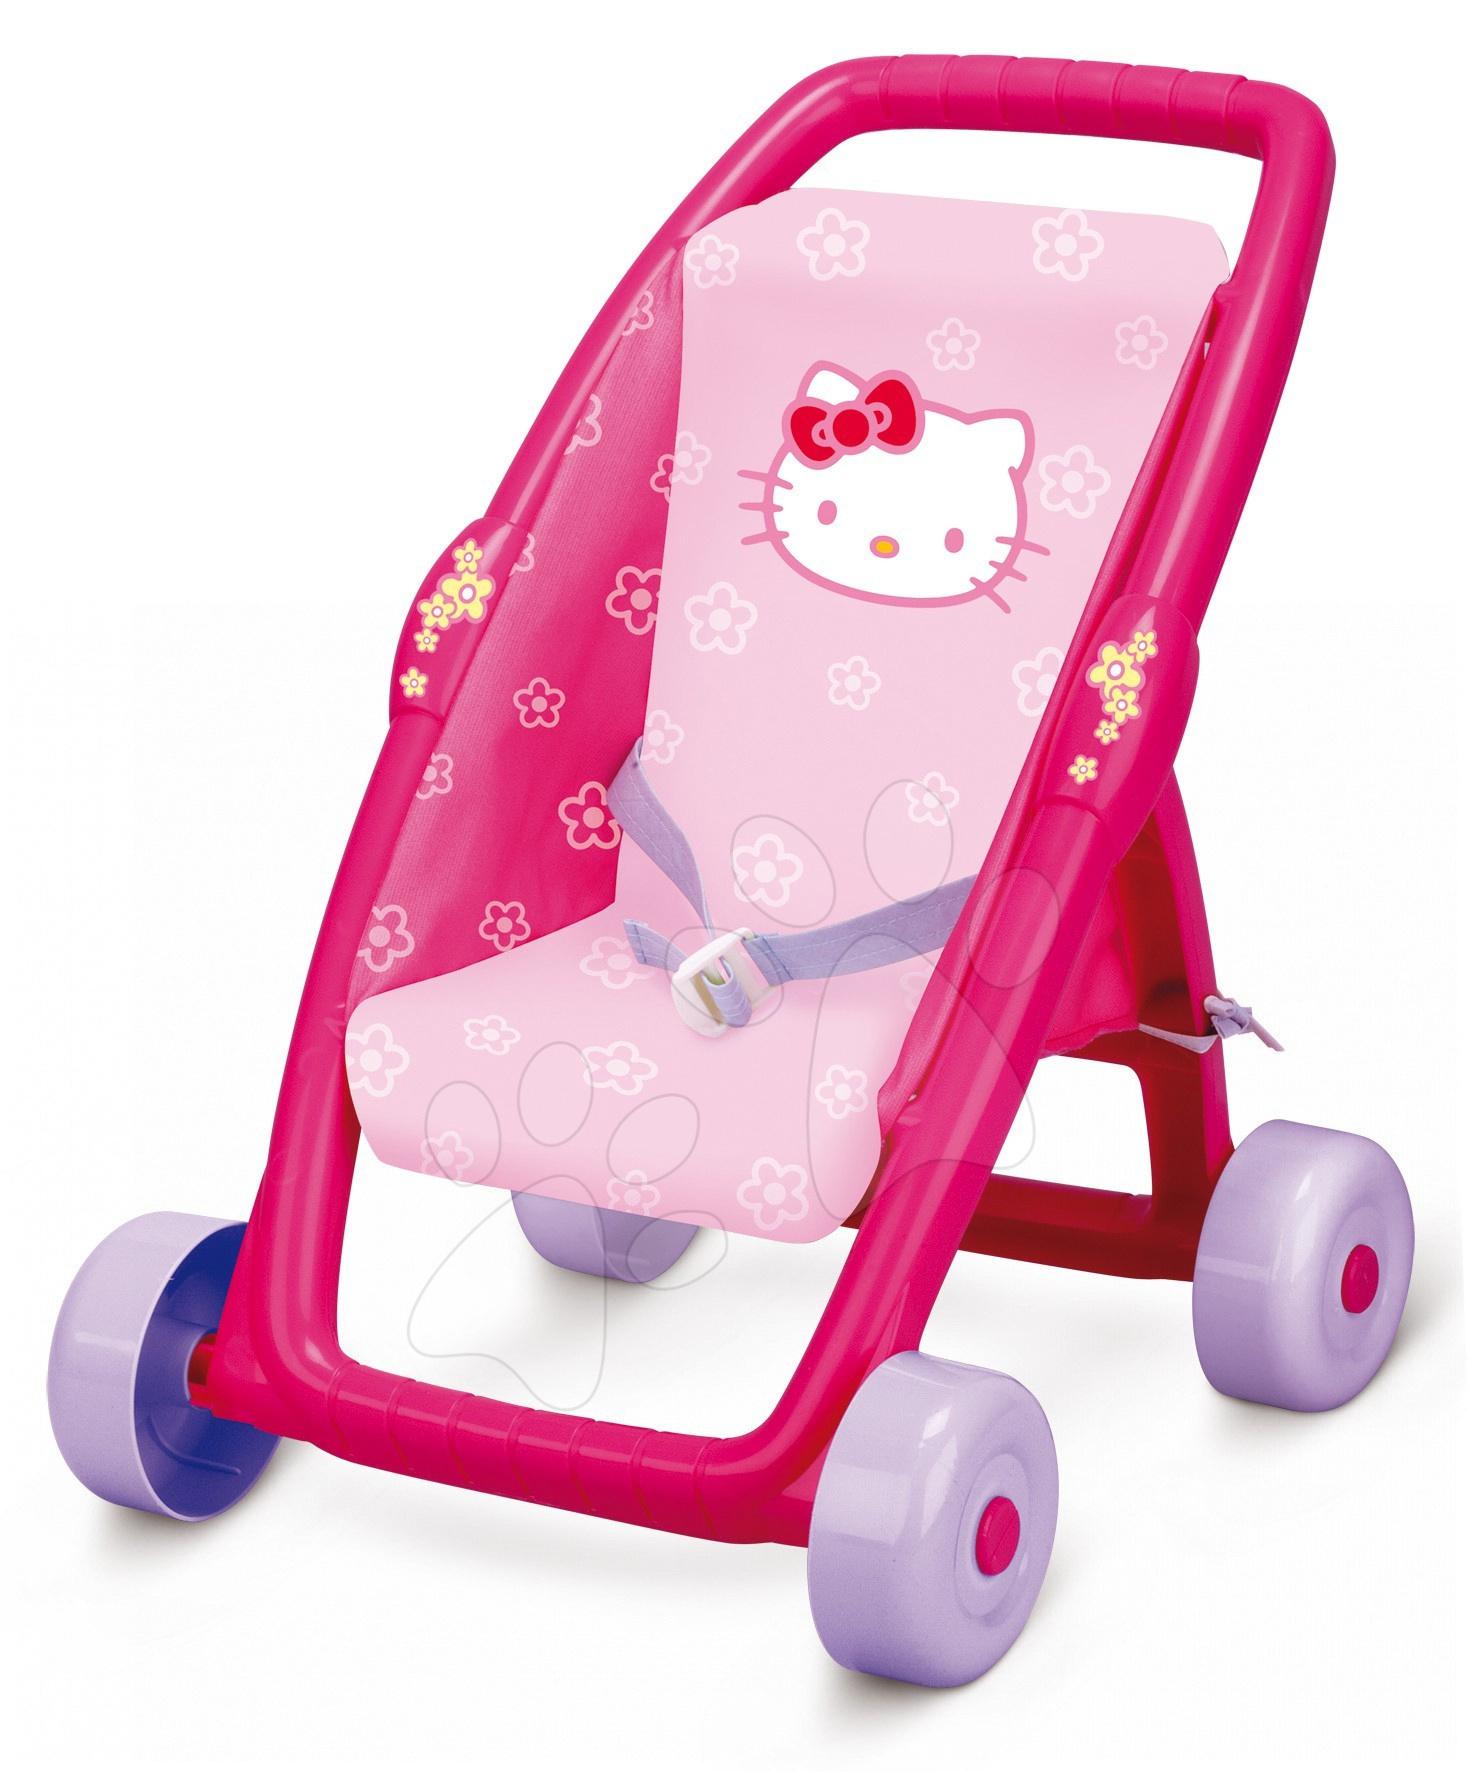 Cărucior Hello Kitty Ma premier buggy Smoby roz cu mâner de împins de 49 de cm 36*45*49 cm